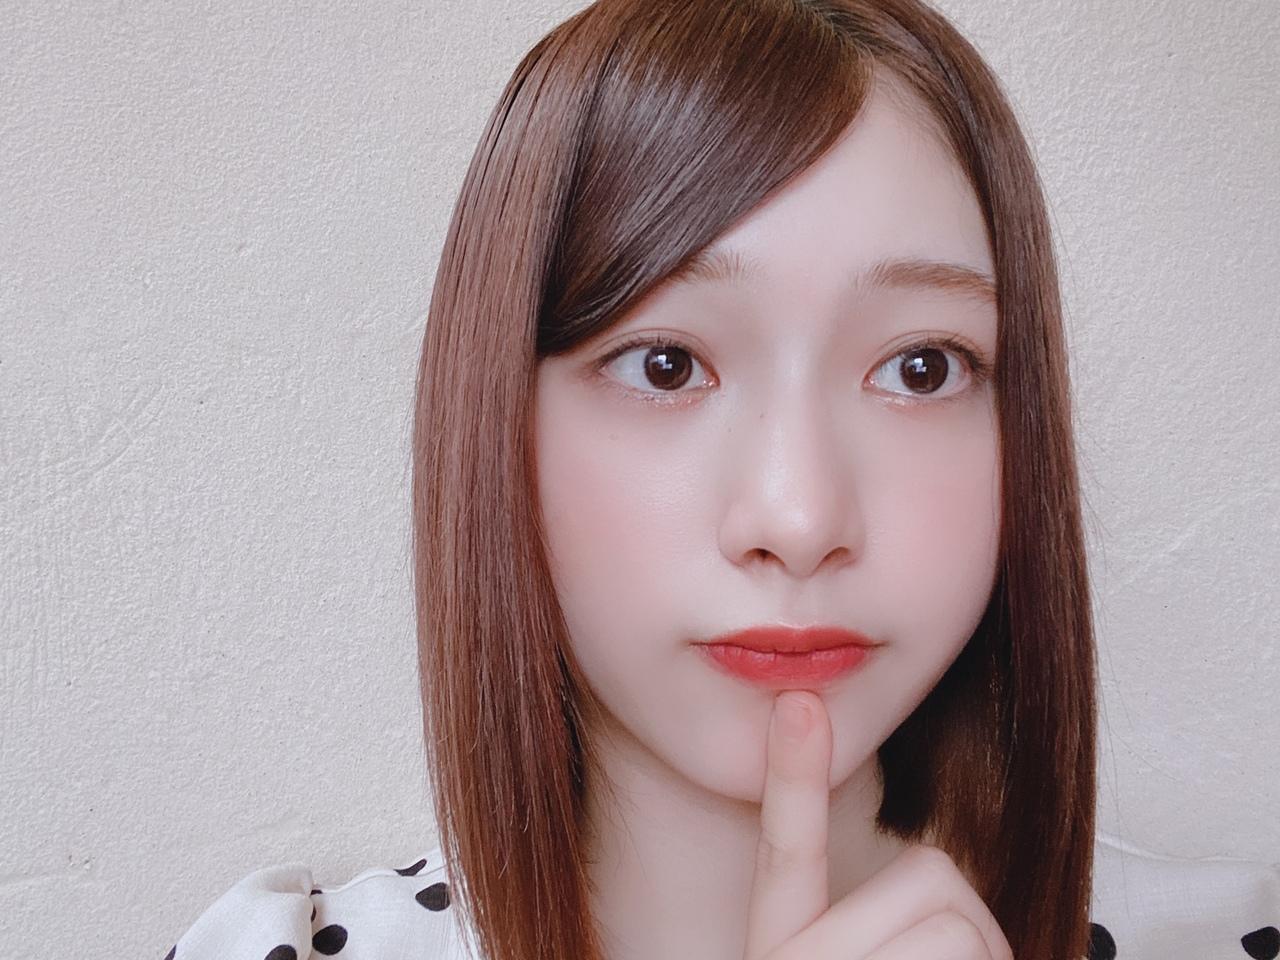 富田鈴花ちゃんの「実は早起きが得意なのですが、早起き得意そうな顔に見えますか?」